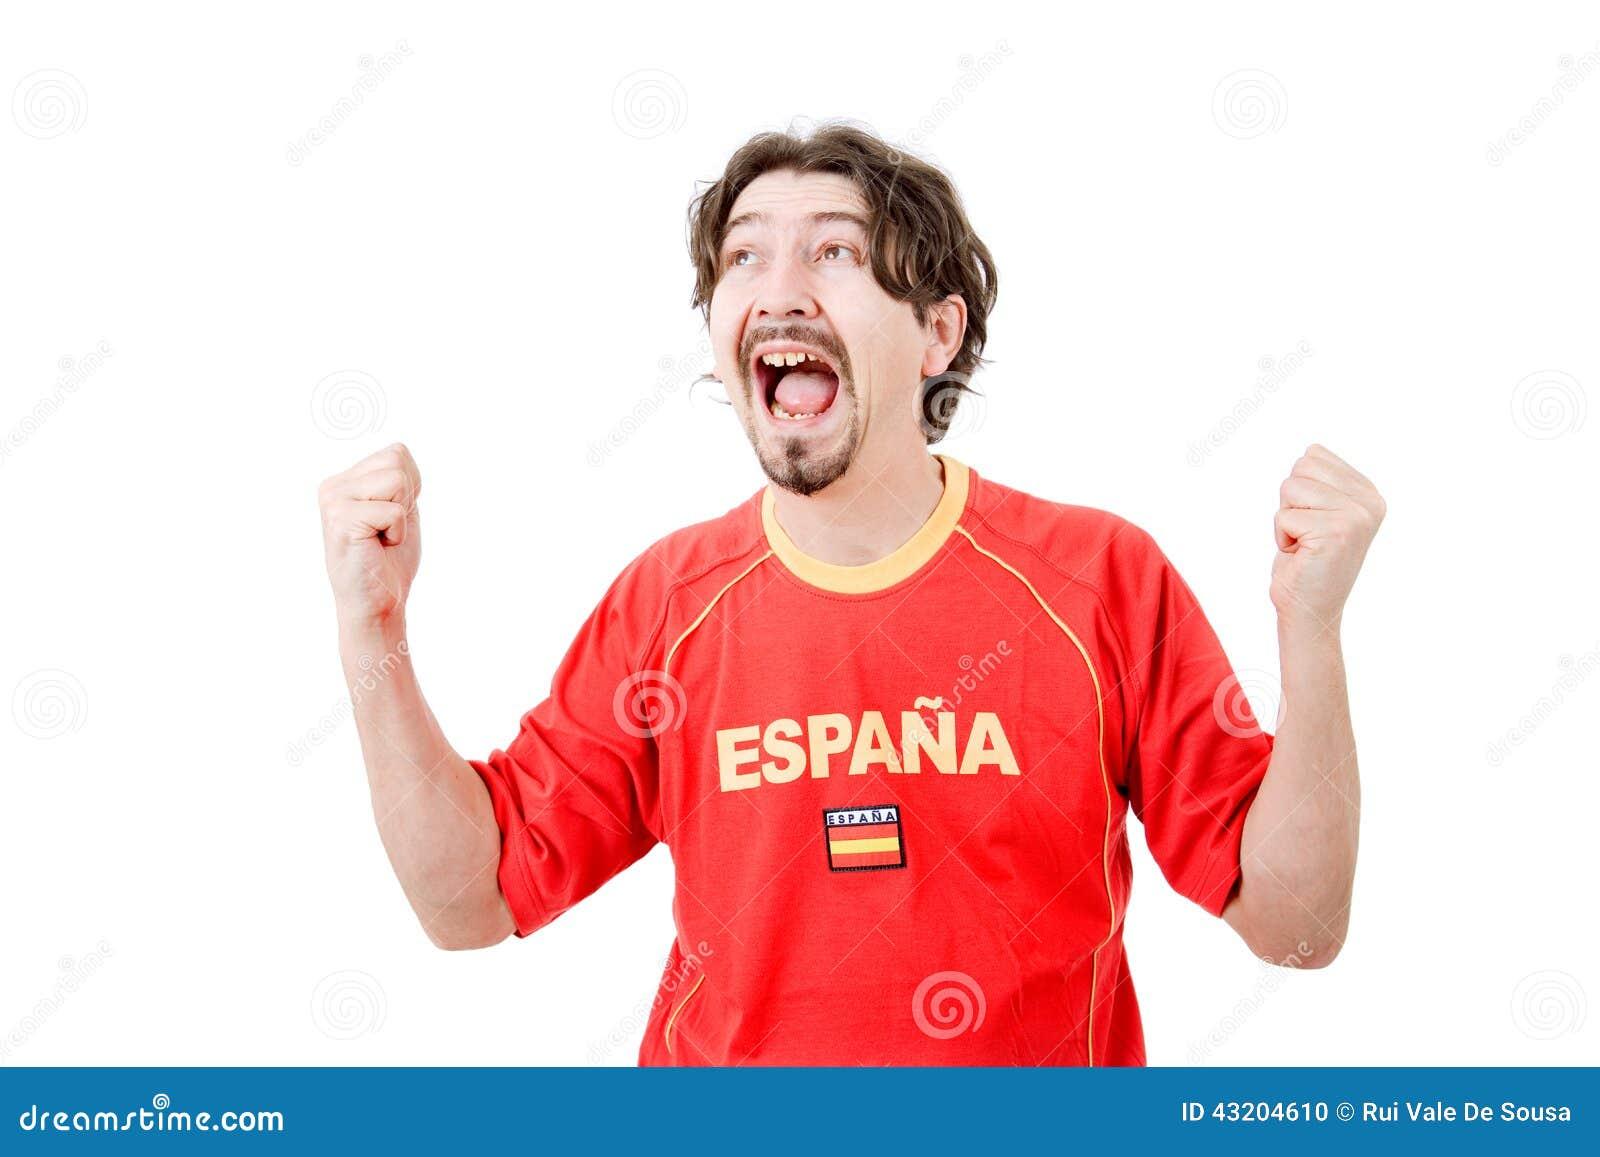 Download Spanjoren fläktar arkivfoto. Bild av skri, flagga, framsida - 43204610